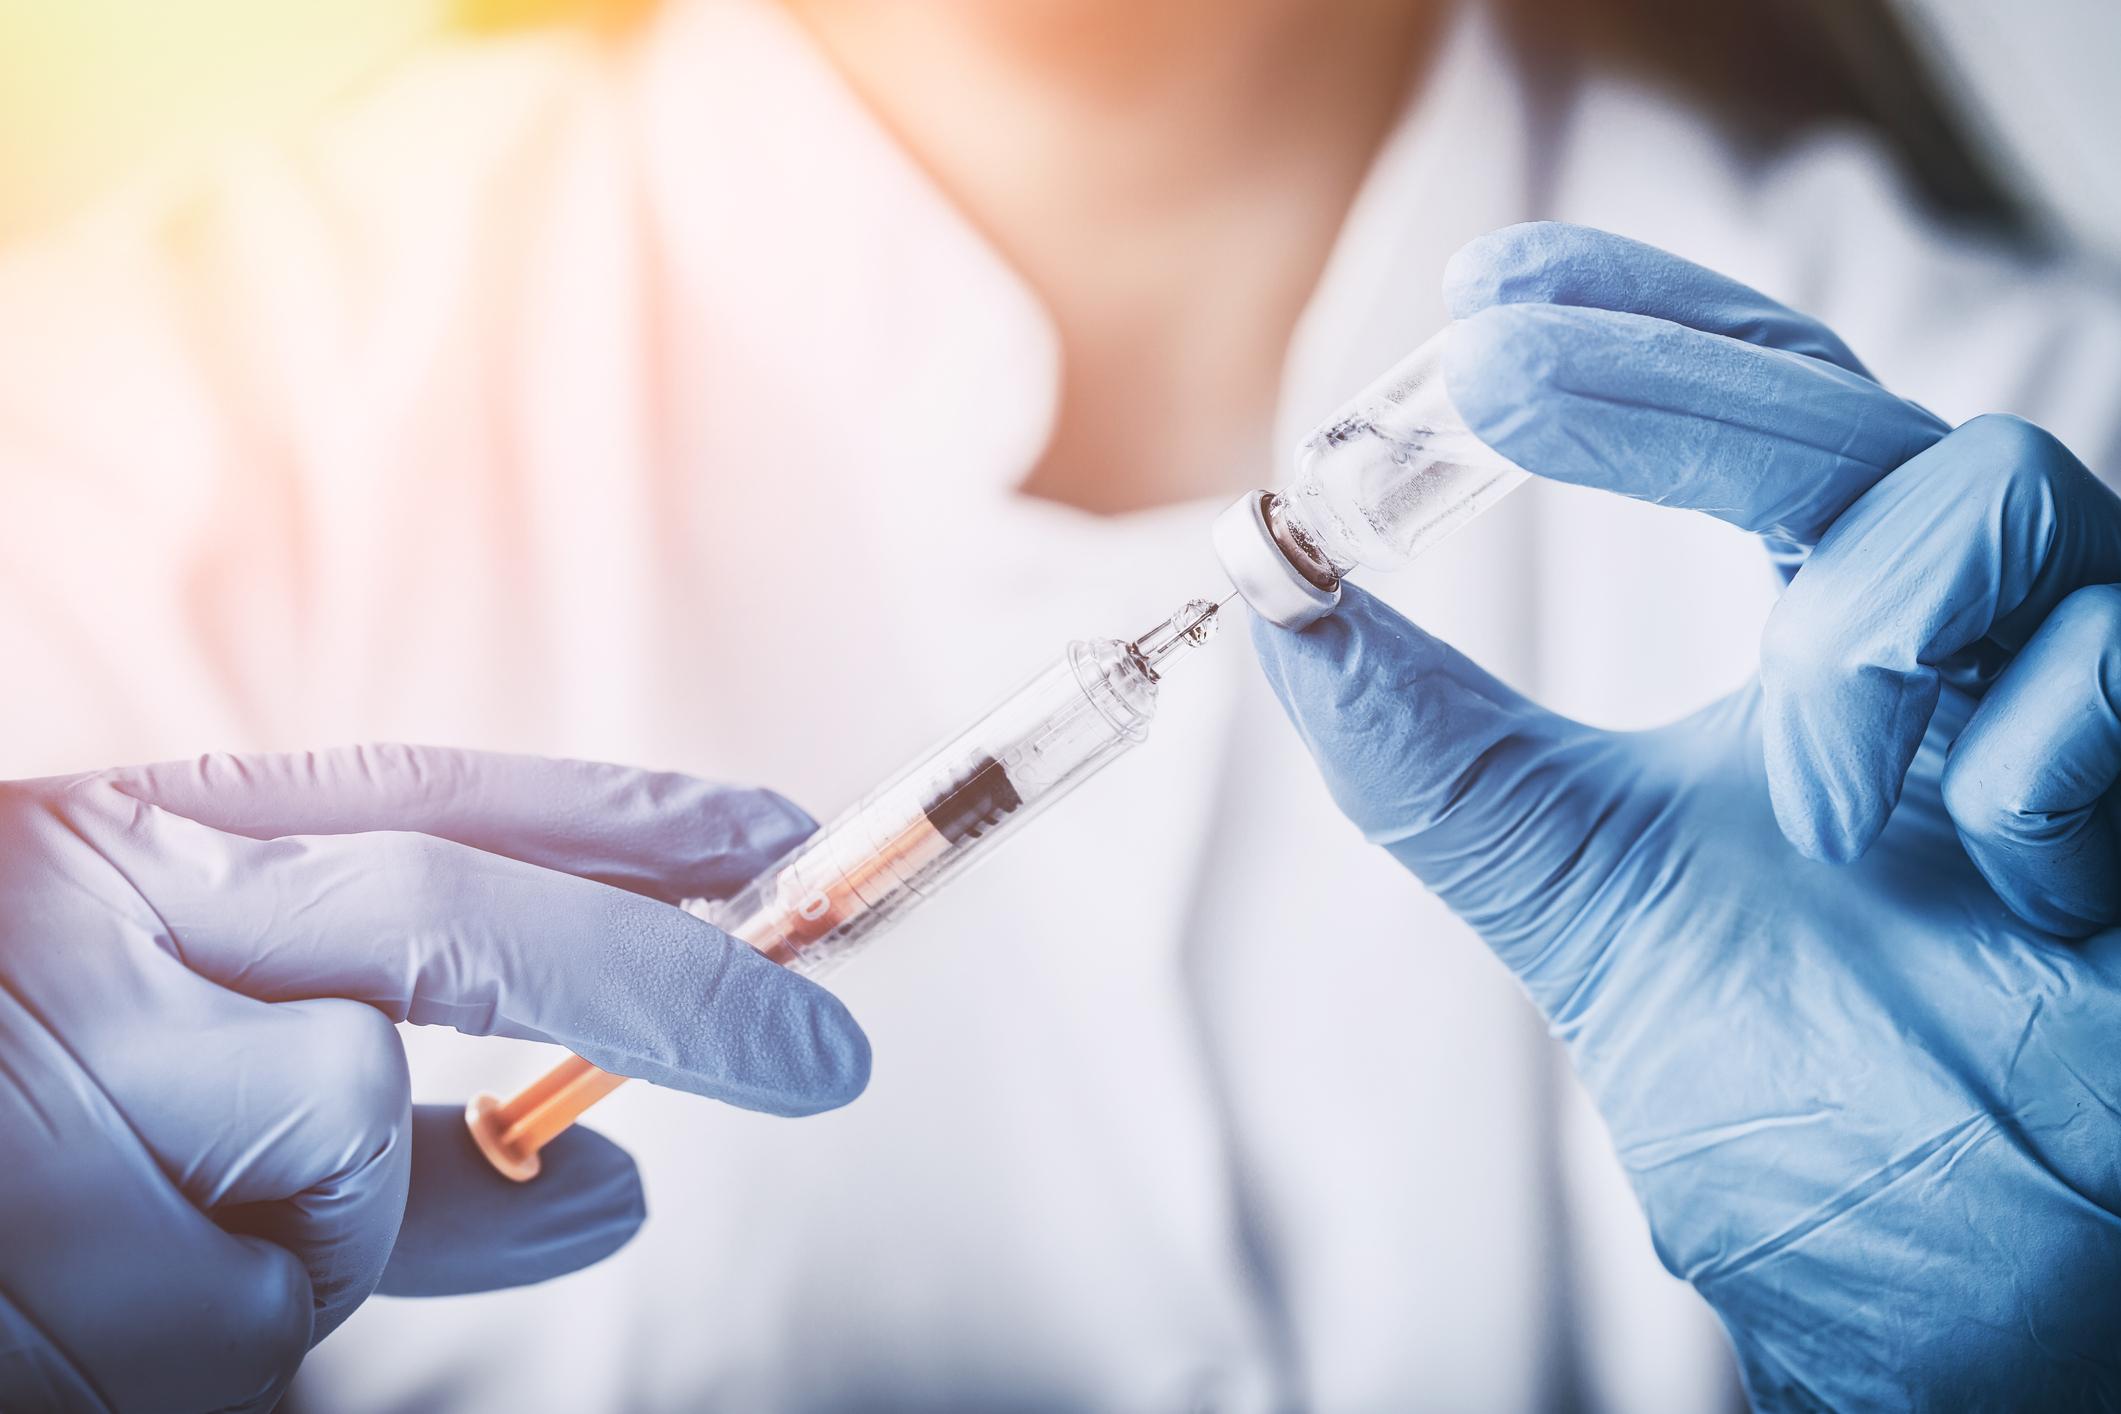 Hpv vaccin har haft god effekt